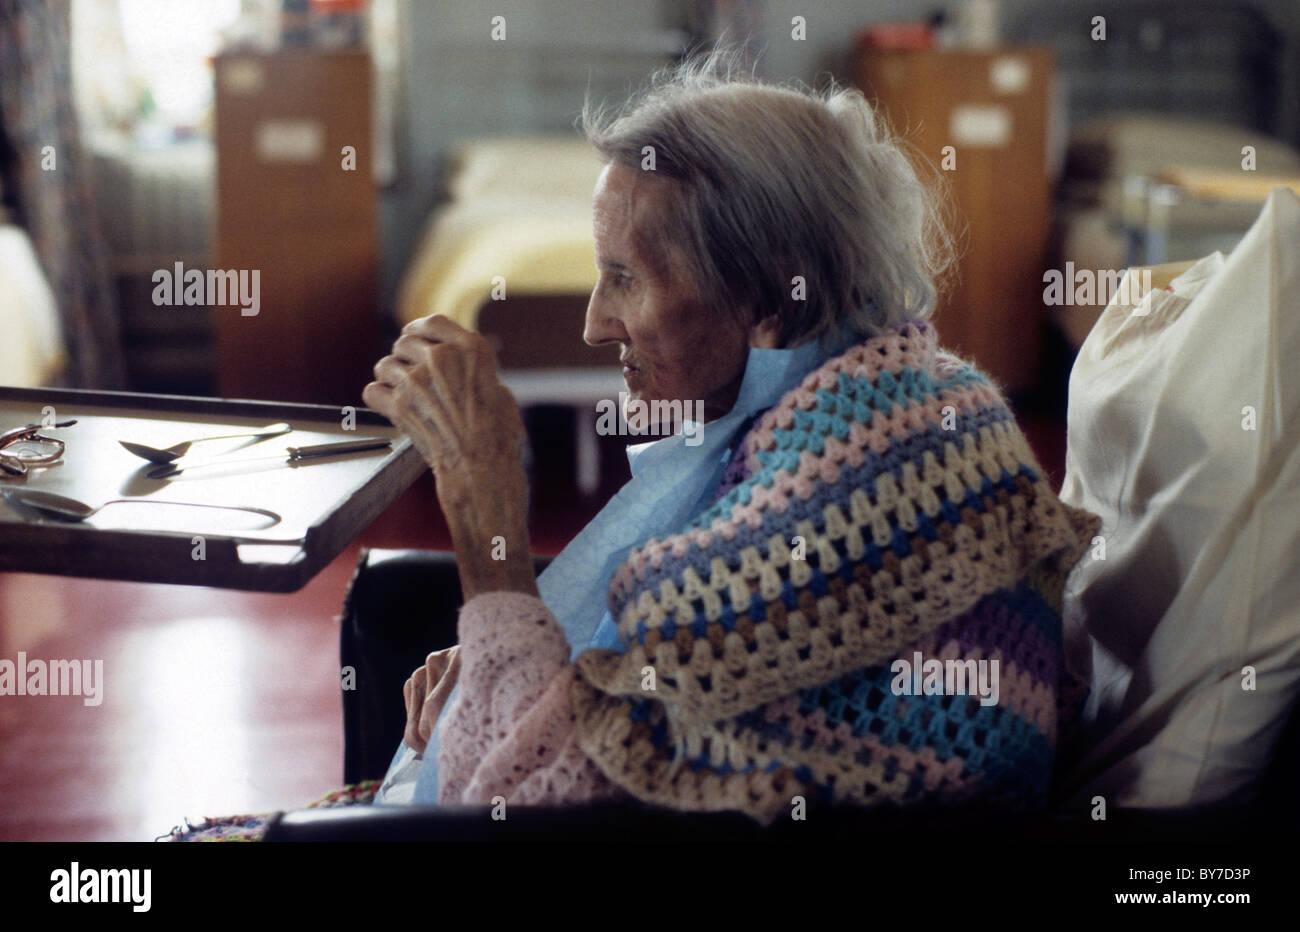 Eine ältere Patientin trägt einen gehäkelten Schal von ihrem Nachttisch in einer Krankenstation in Stockbild